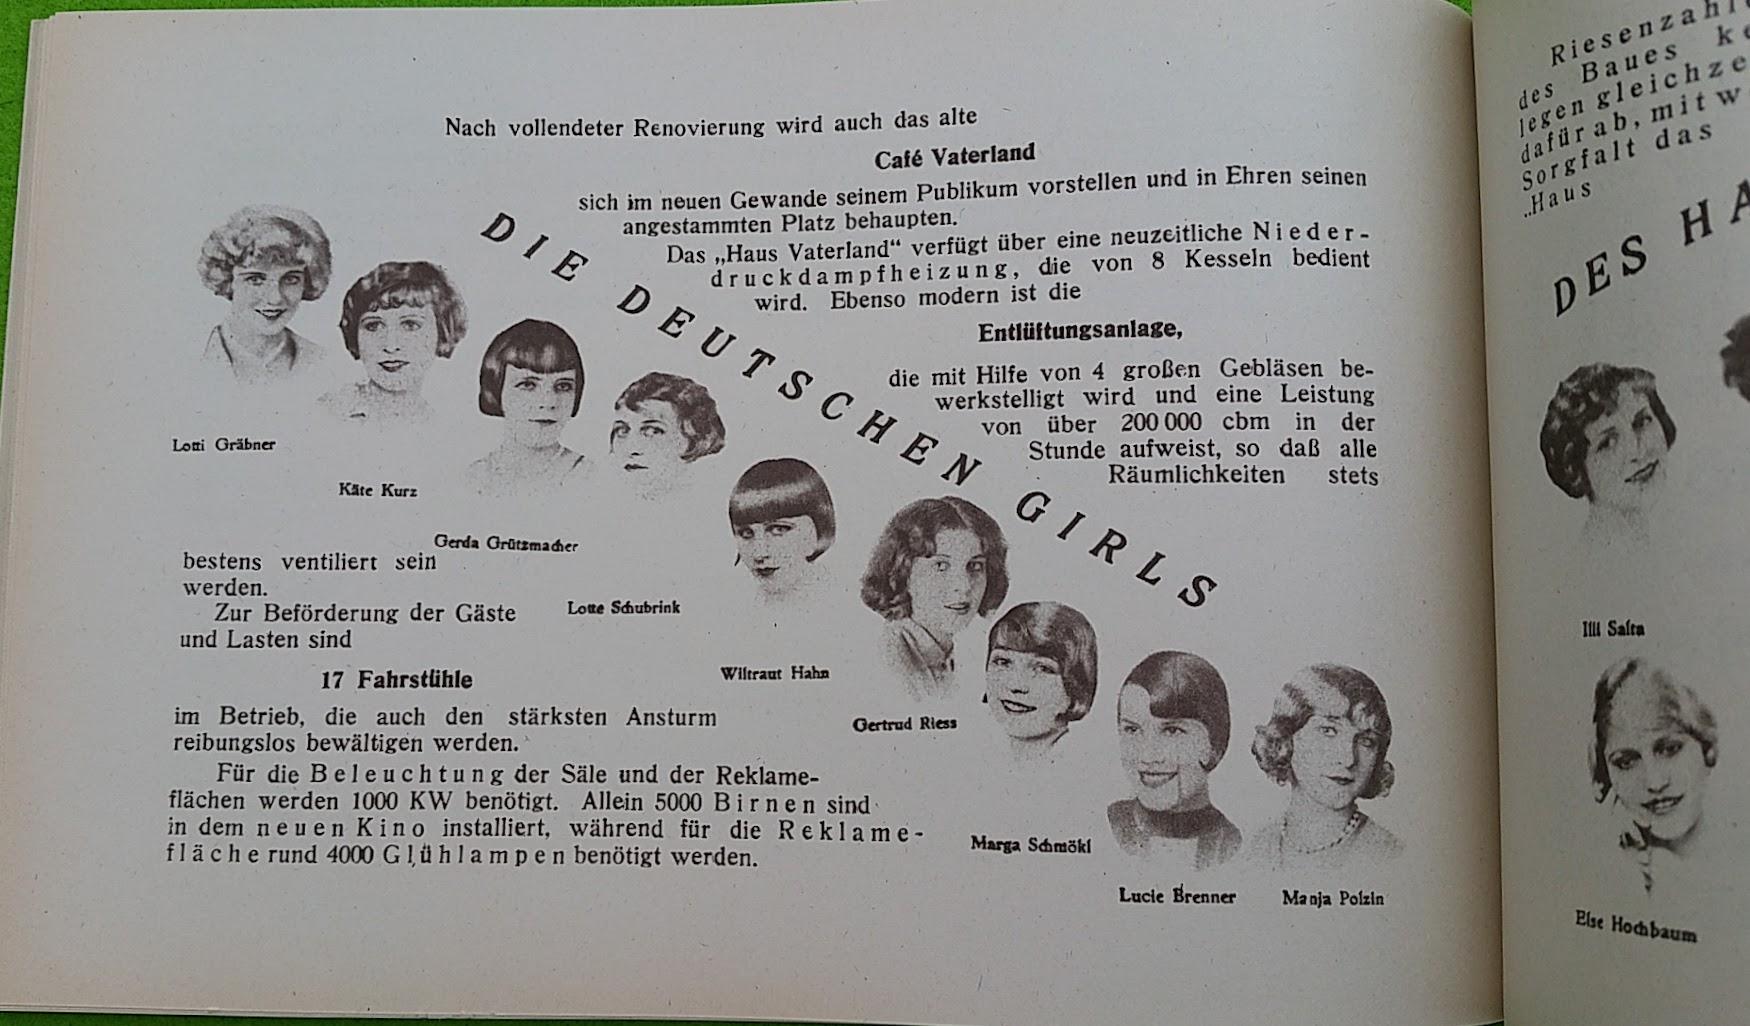 Begleitheft zur Eröffnung von Haus Vaterland am Potsdamer Platz, Berlin, 31. August 1928 - Die Deutschen Girls